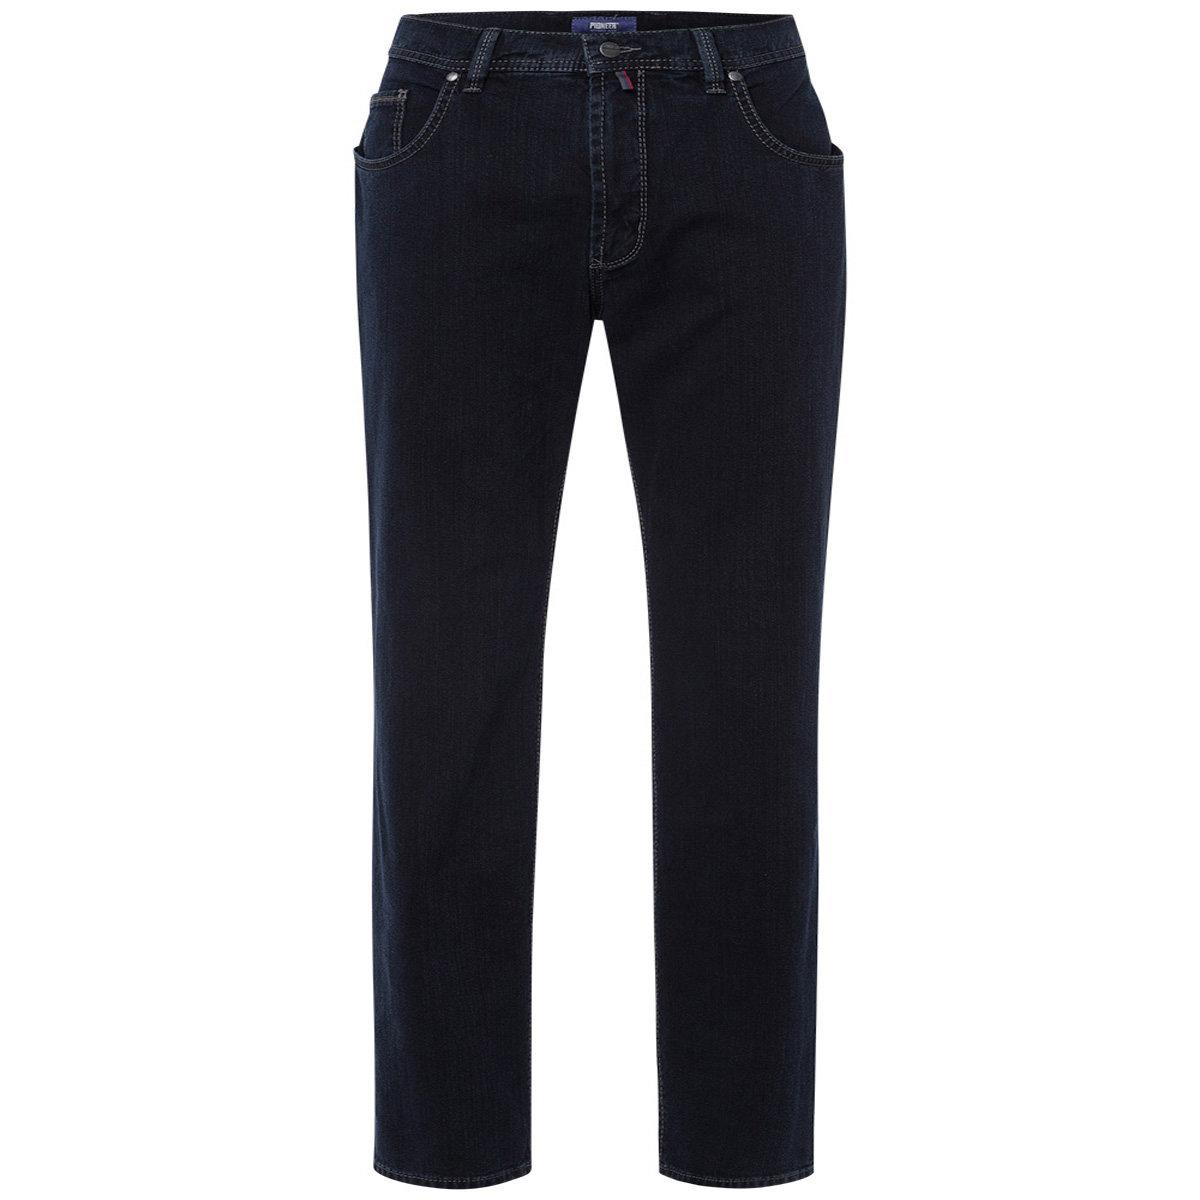 Übergröße Stretch Jeans Peter von Pionier bis Kurzgröße 40